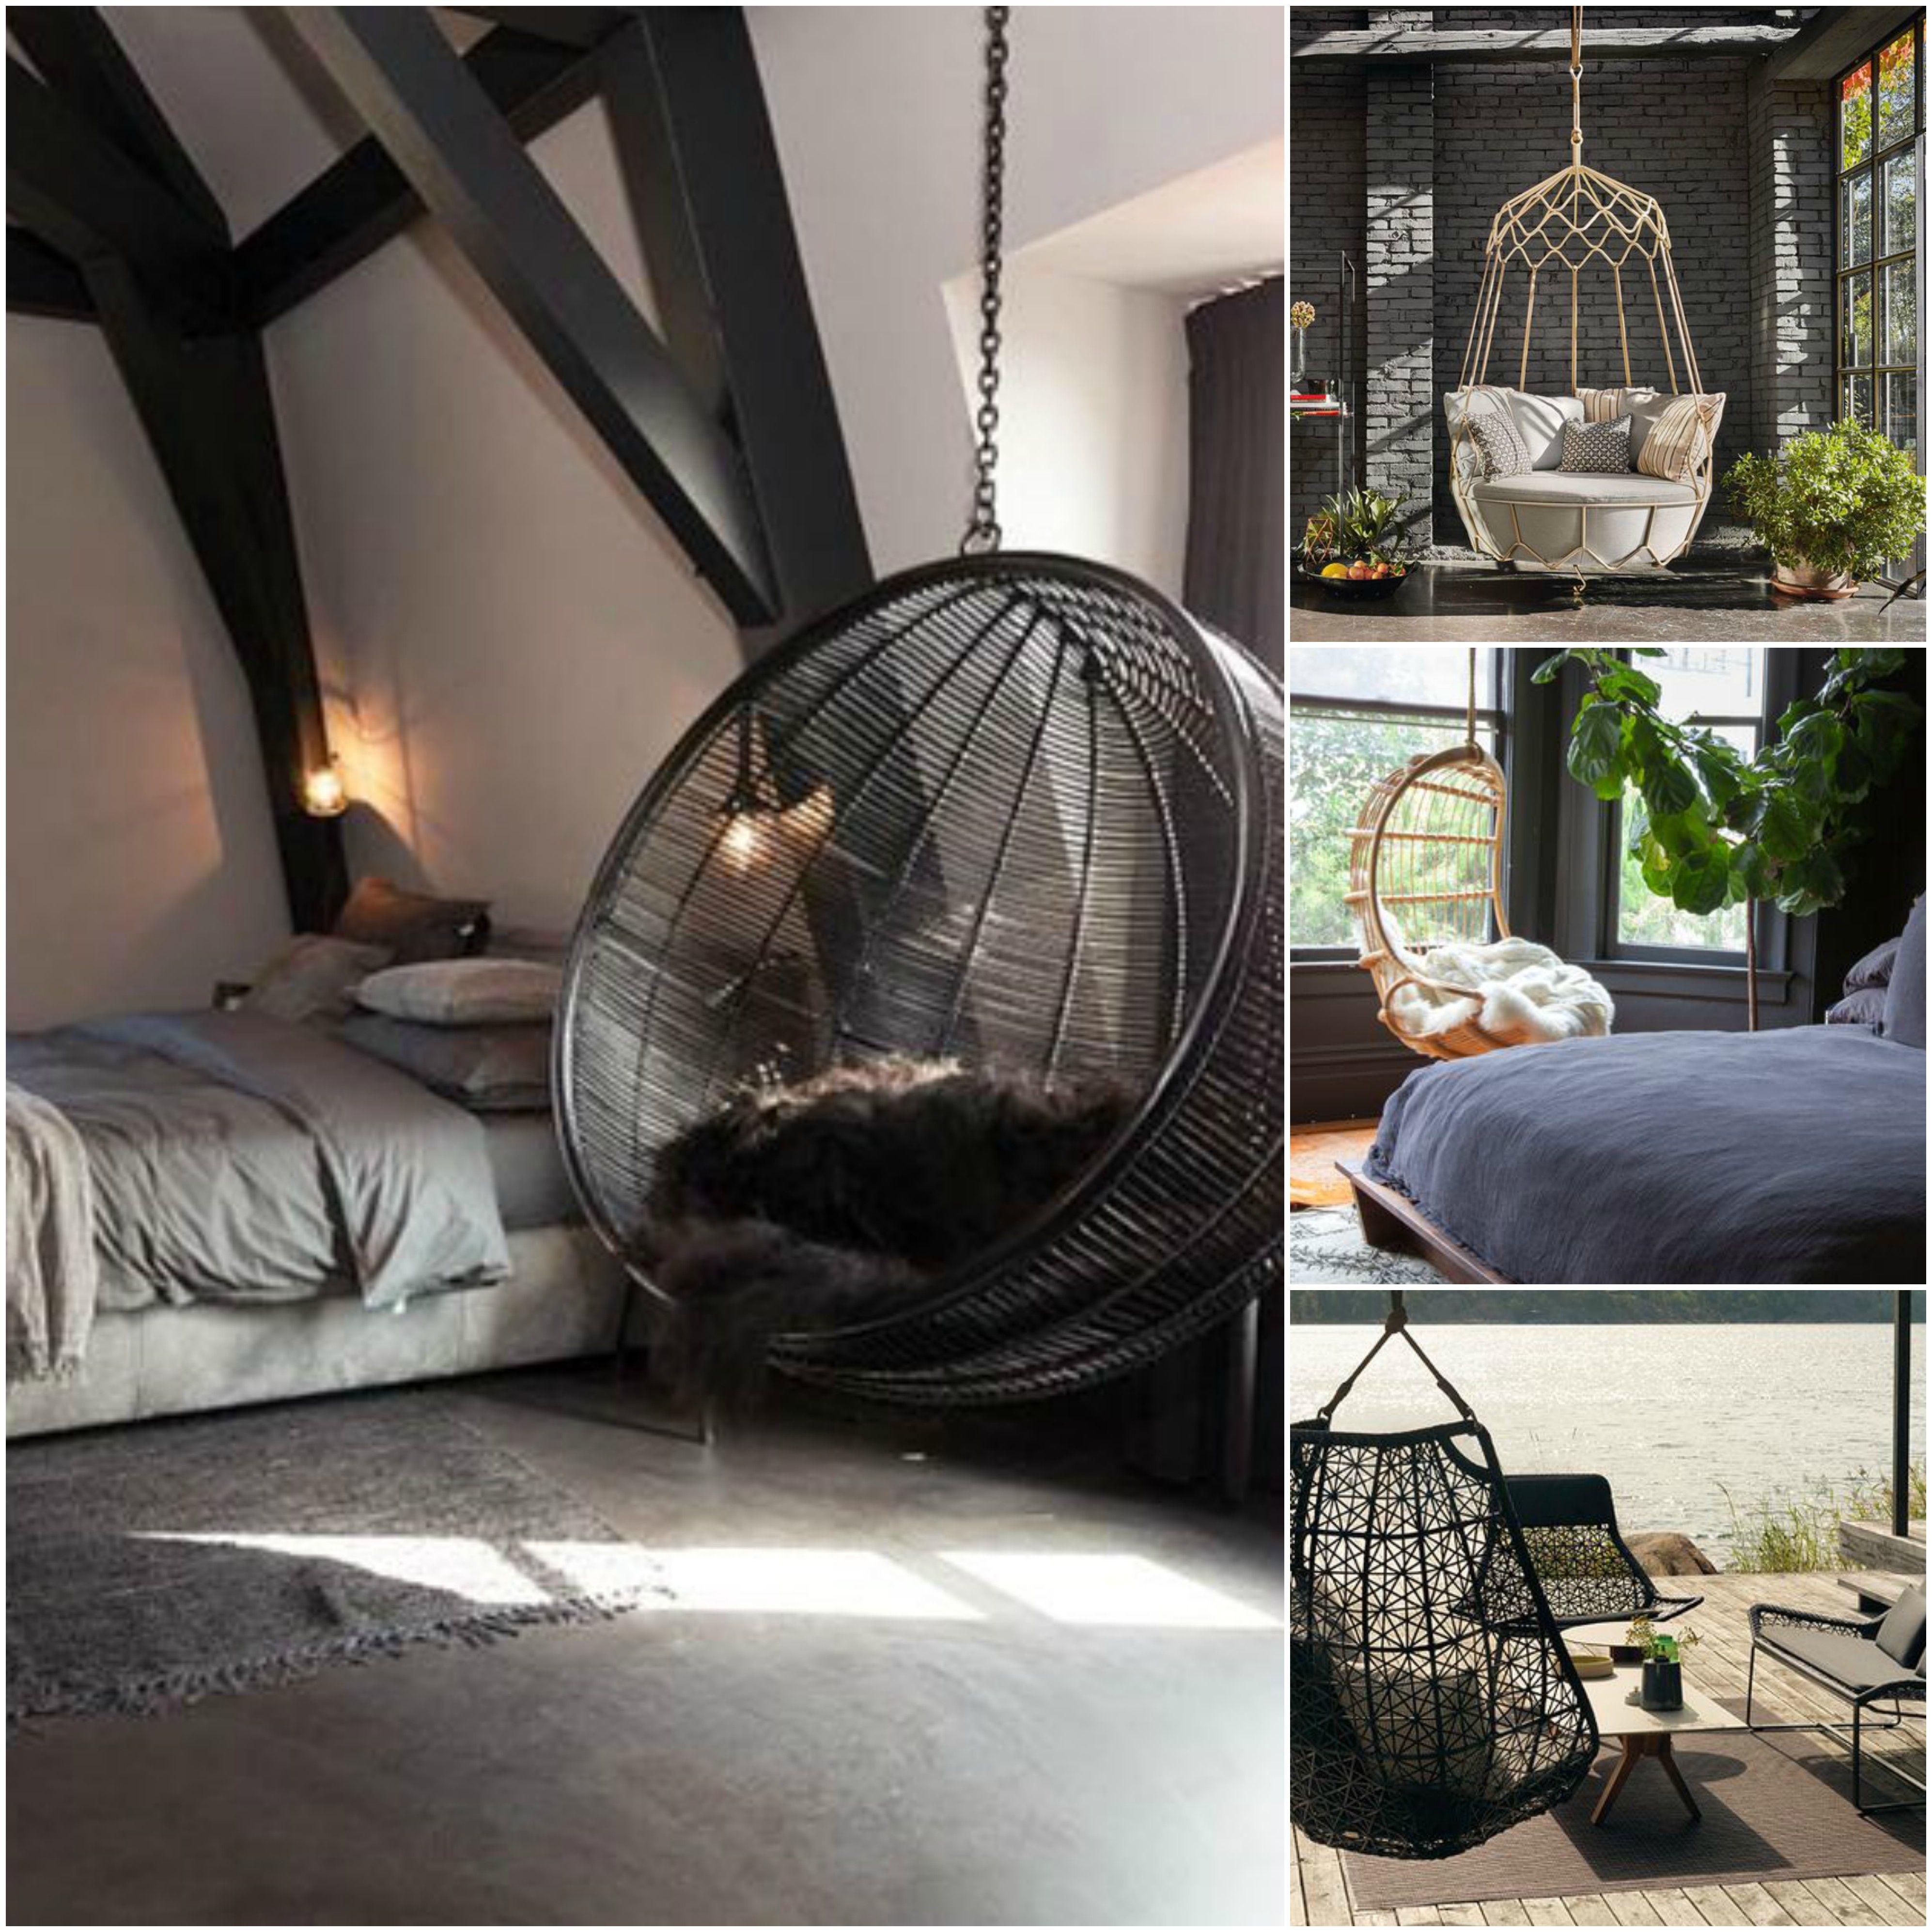 relaxing furniture. Relaxing Furniture. #mini #moodboard #hangingchairs #relaxing #hangstoel #cocoonen # Furniture O